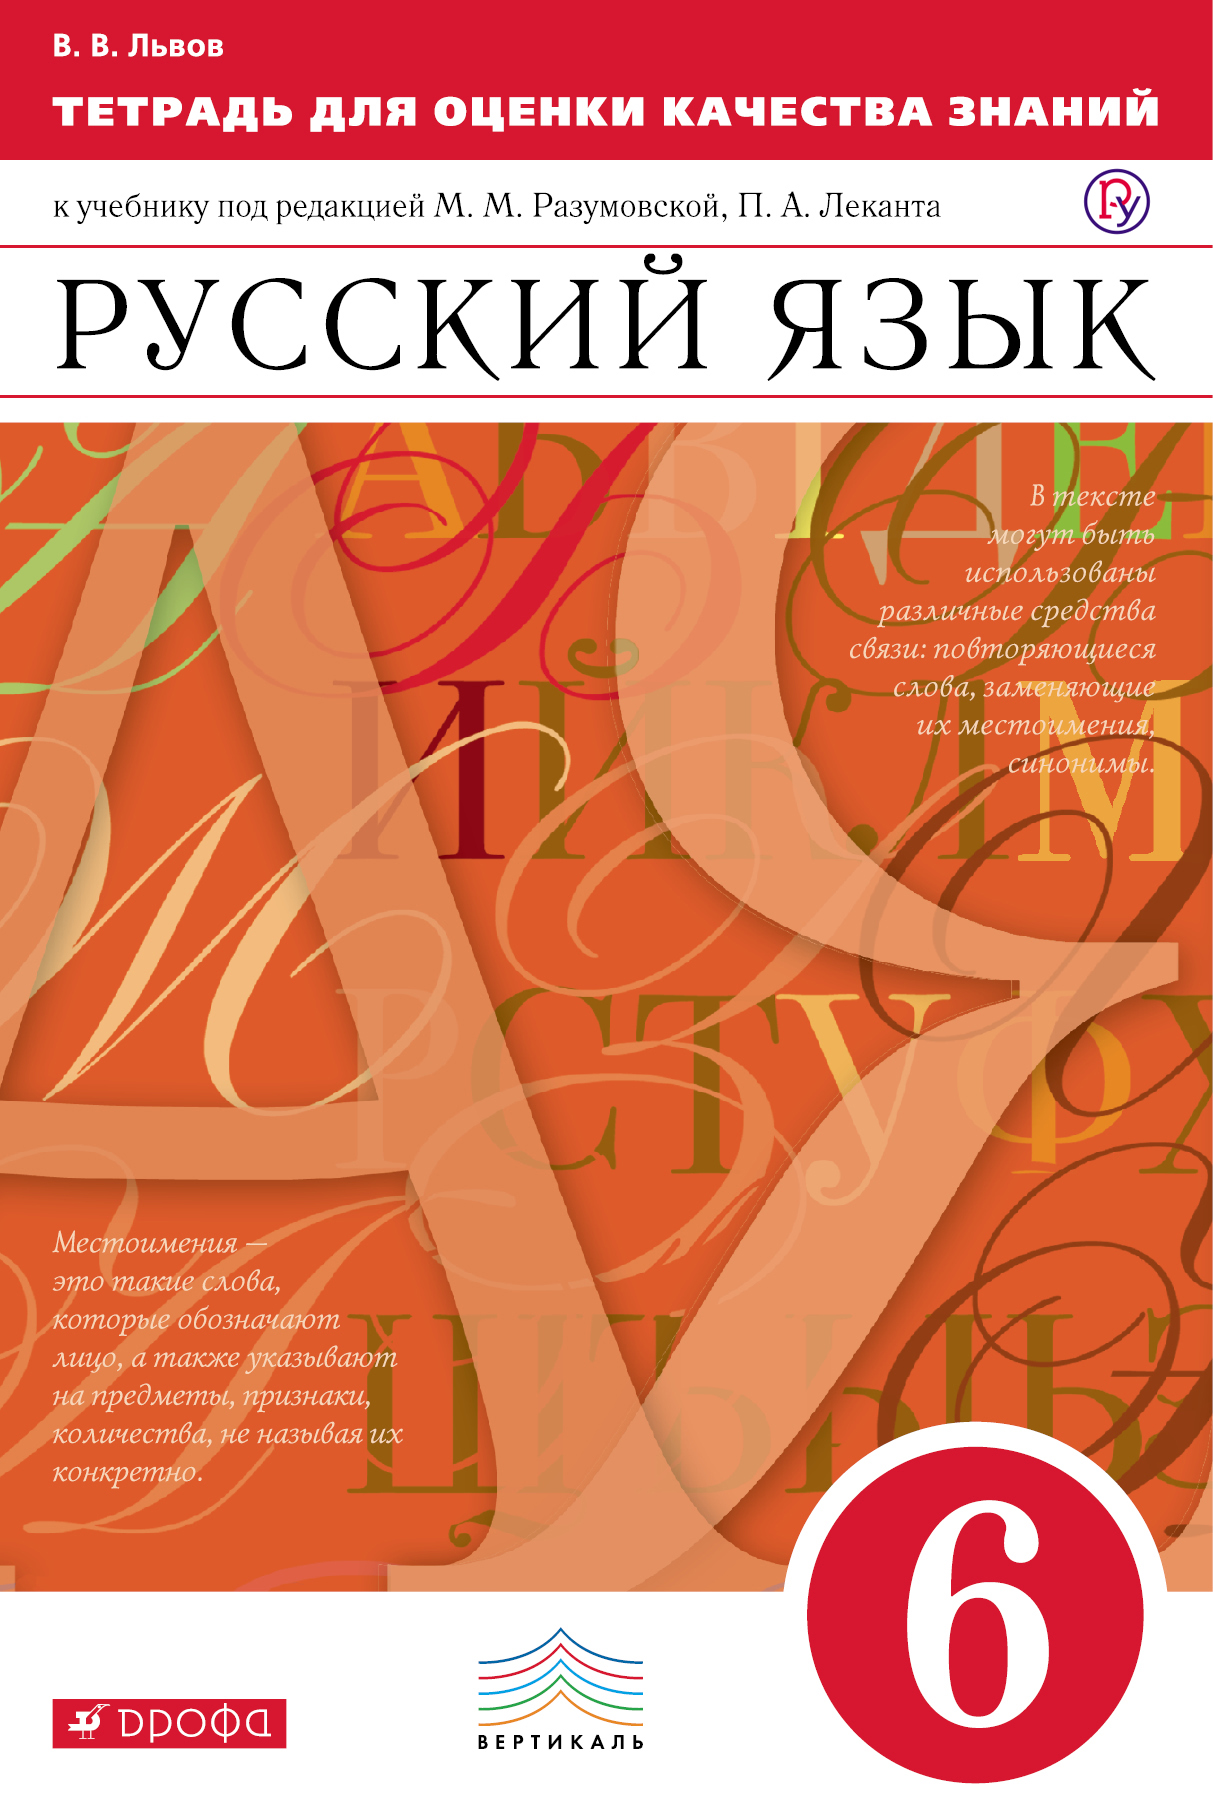 Русский язык 6 кл. Тетр./оц. кач. знаний(Львов). ВЕРТИКАЛЬ